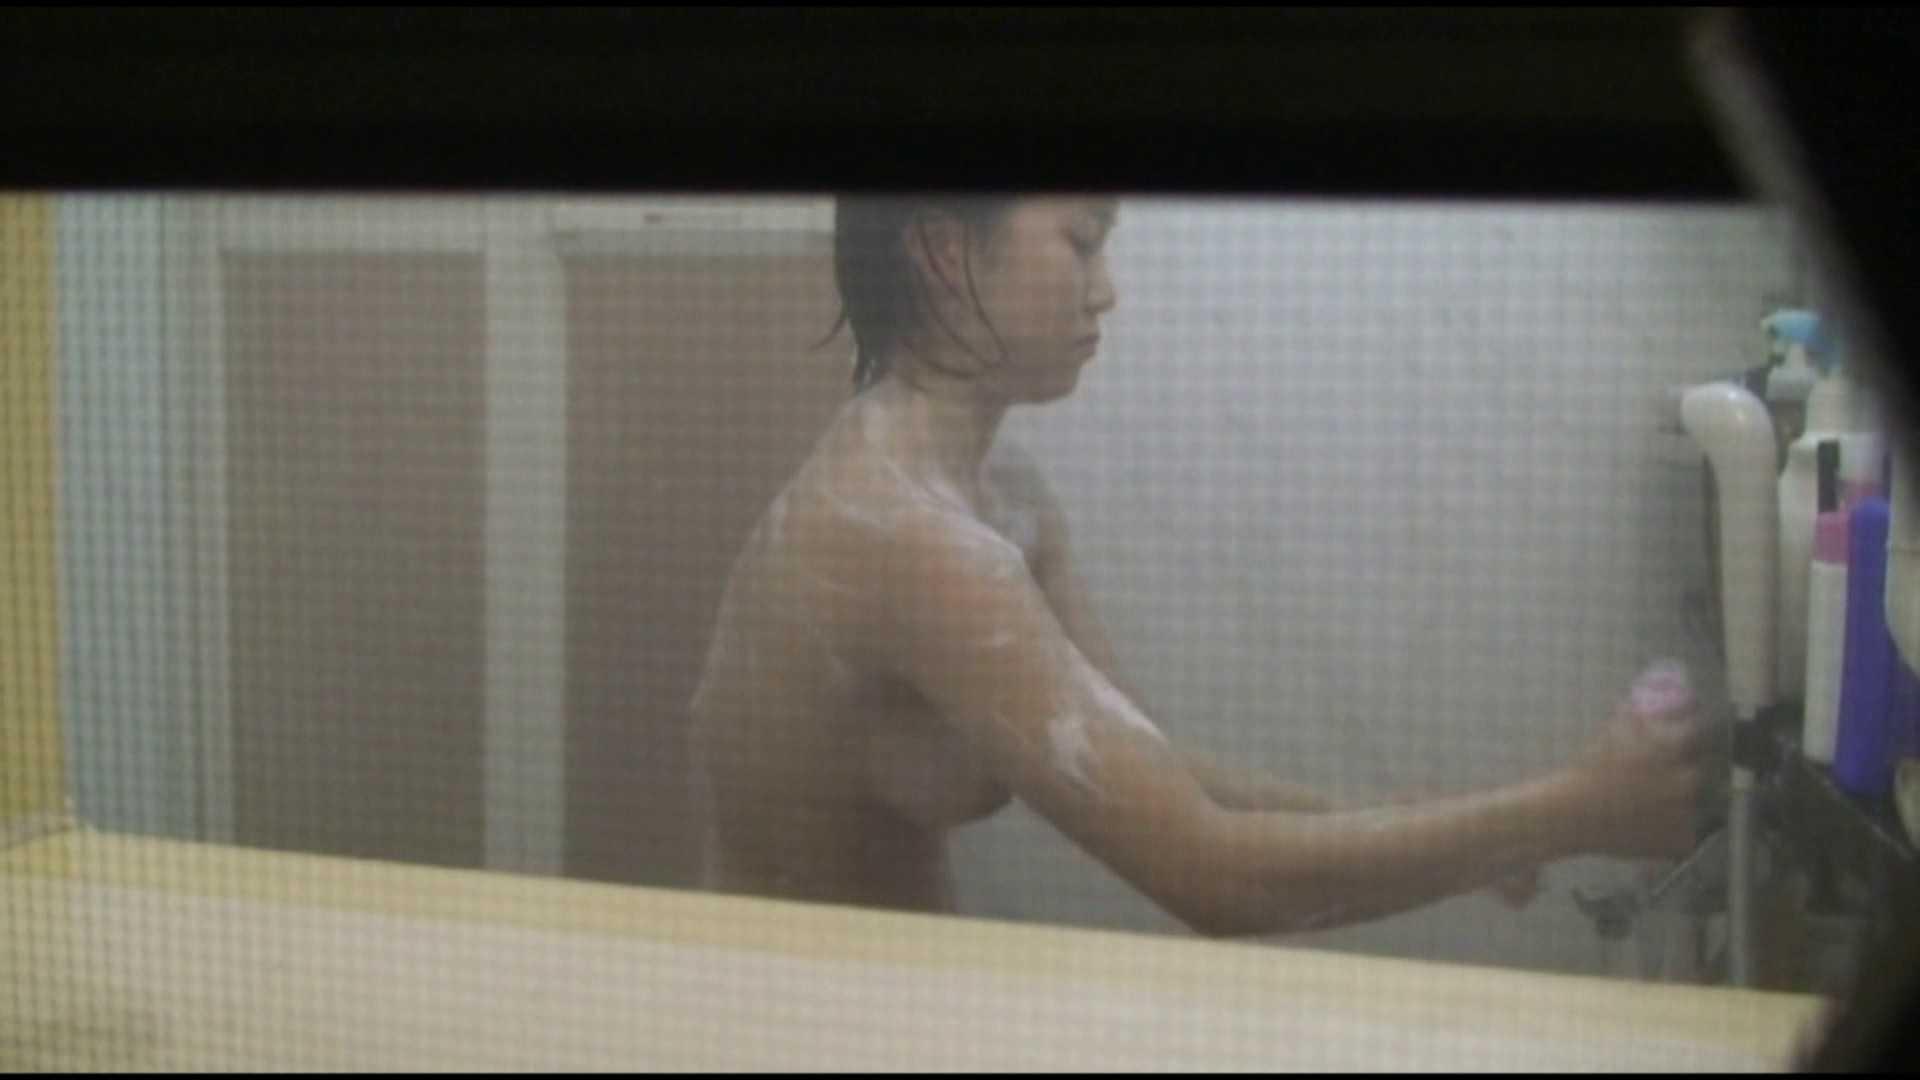 vol.04巨乳美人のおっぱいがプルルンッと弾けてます!風呂上りも必見 女体盗撮 隠し撮りAV無料 105連発 101